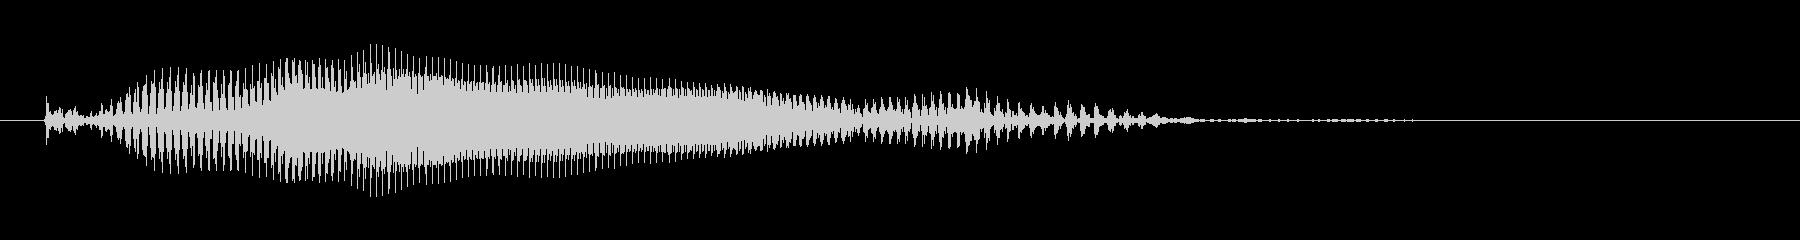 「ゴー!」2の未再生の波形